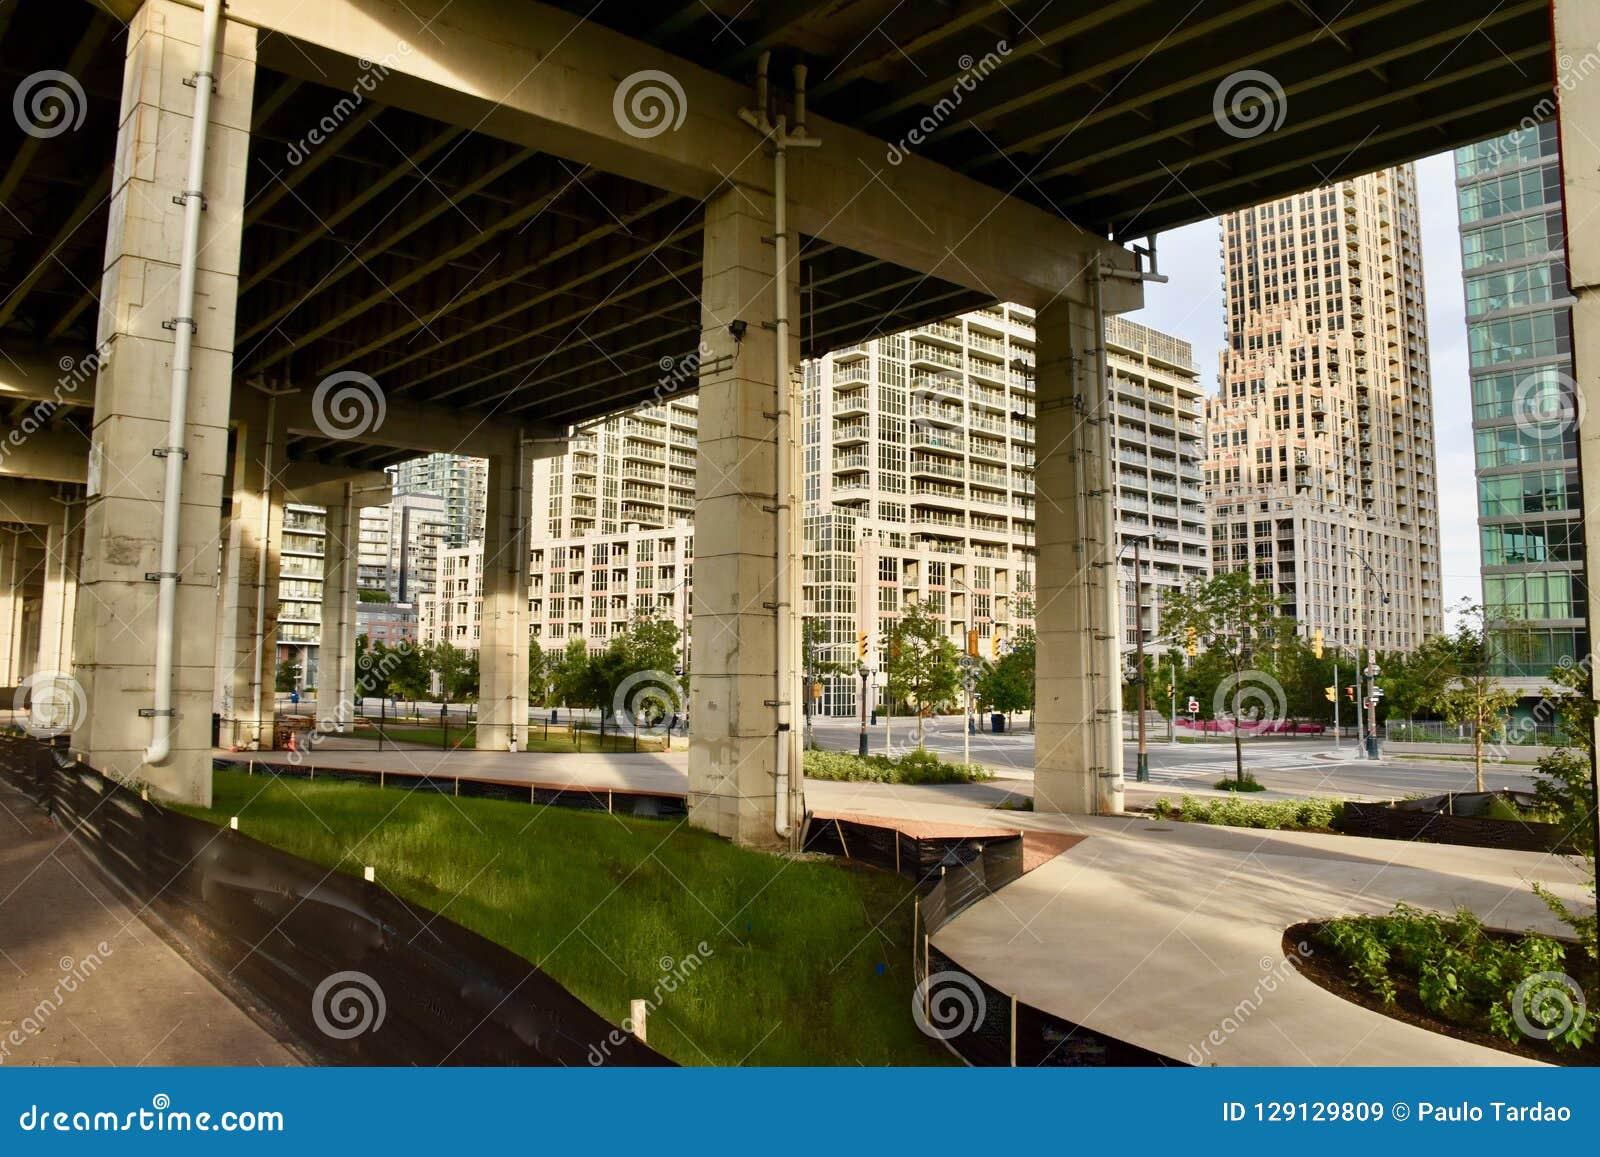 Återuppliva Underused stads- offentliga utrymmen